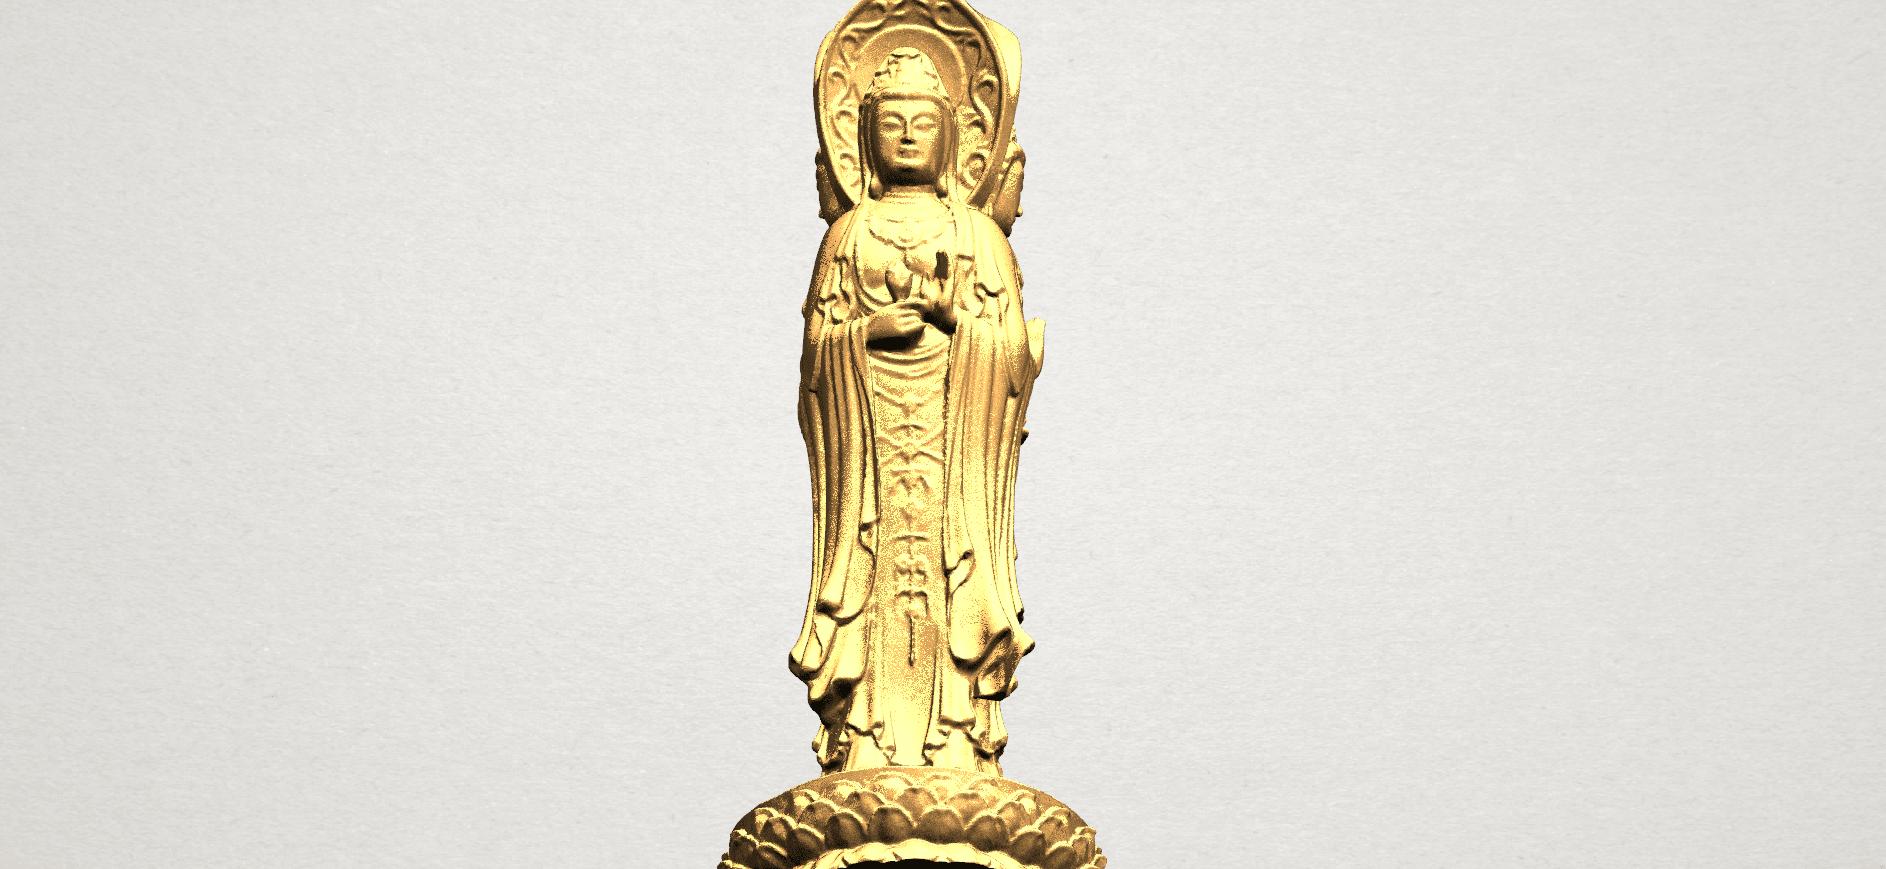 Avalokitesvara Buddha (with Lotus Leave) (i) A10.png Download free STL file Avalokitesvara Buddha (with Lotus Leave) 01 • 3D printable model, GeorgesNikkei